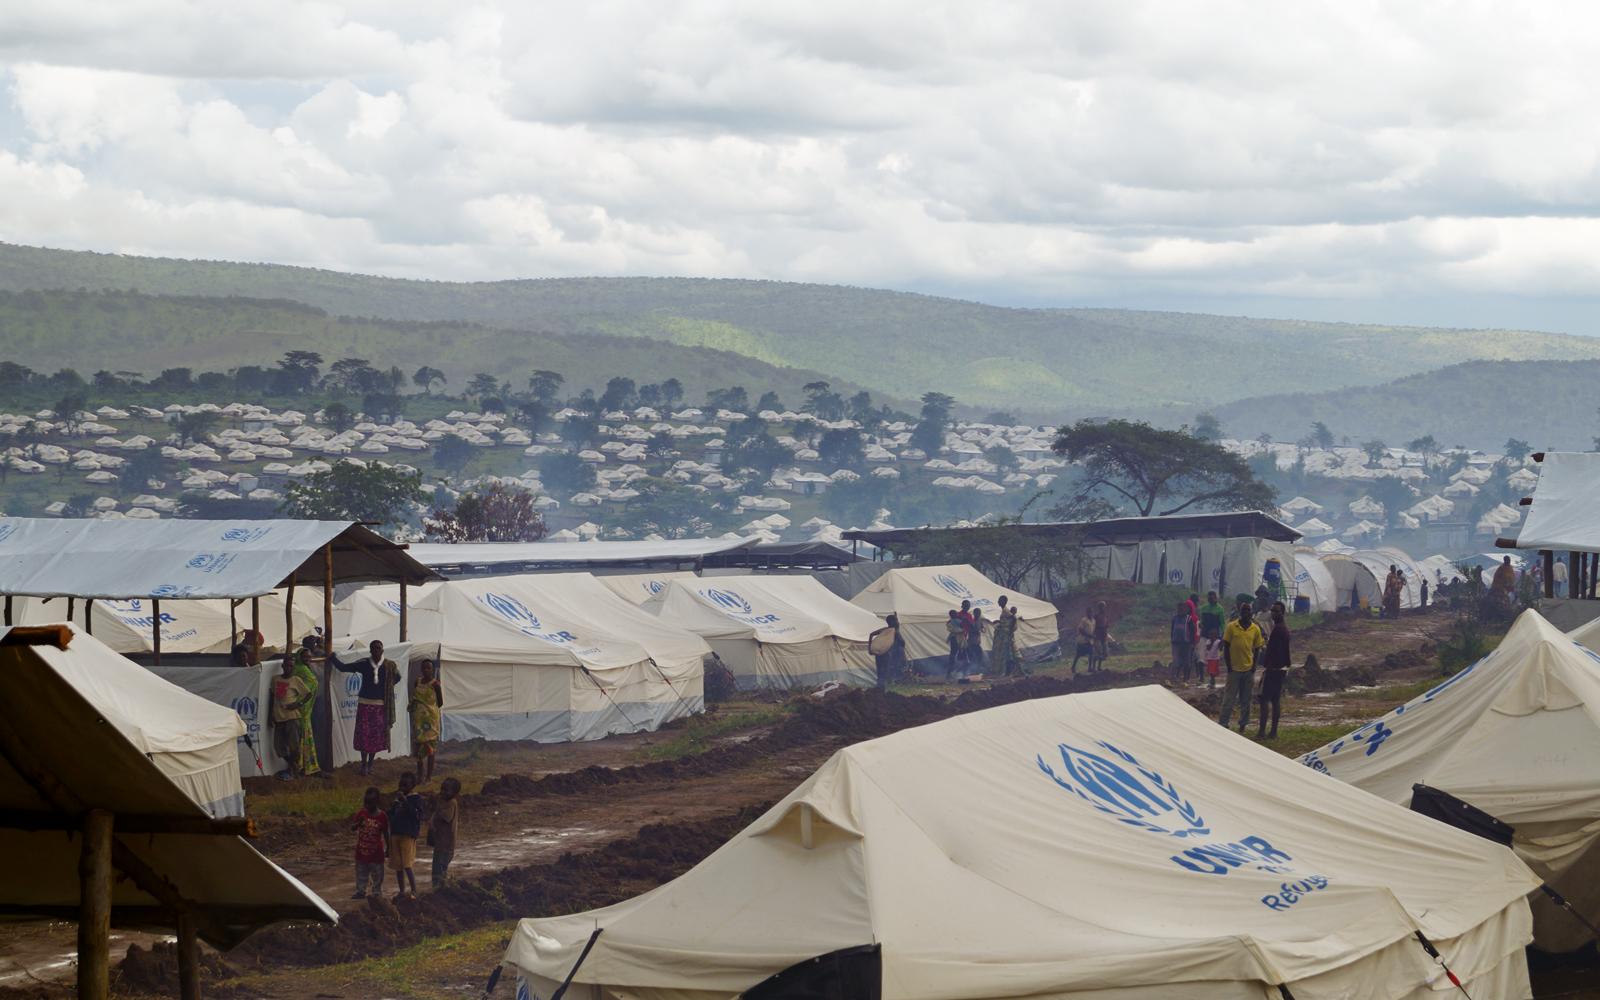 FN:s flyktingorgan UNHCR är granne med TT:s tält i